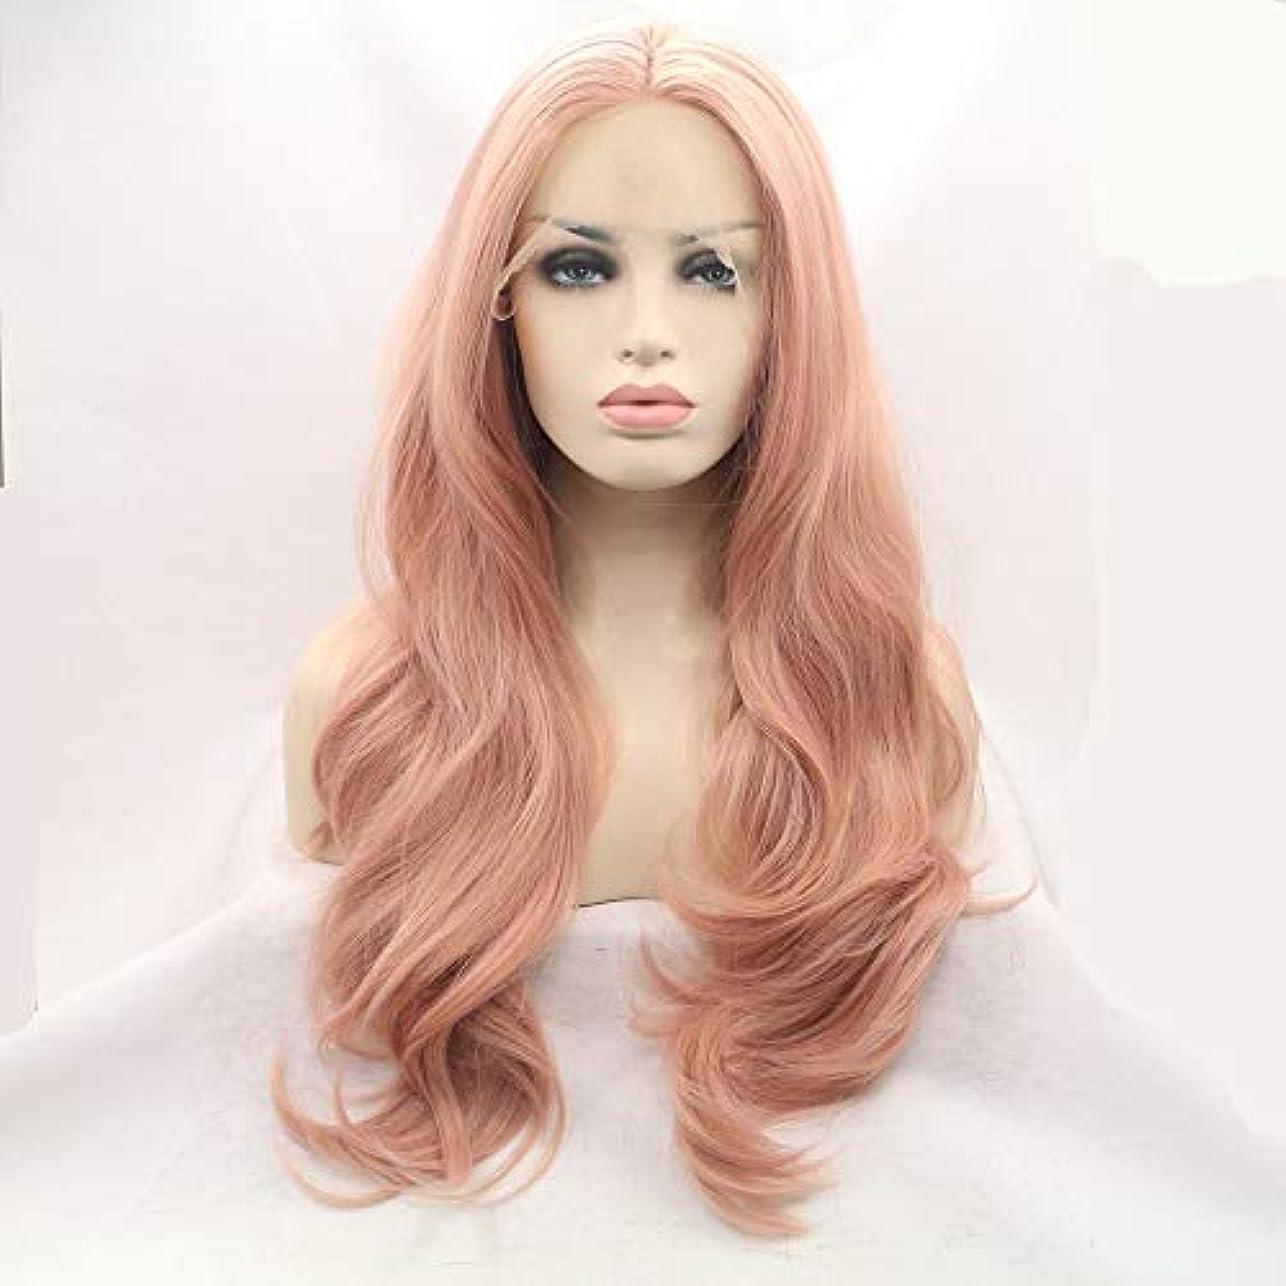 届ける地下鉄終わりかつらキャップかつらで長いファンシードレスカール女性用高品質な人工毛髪コスプレ高密度かつら18インチ、20インチ、22インチ、24インチ、26インチ (Size : 22inch)